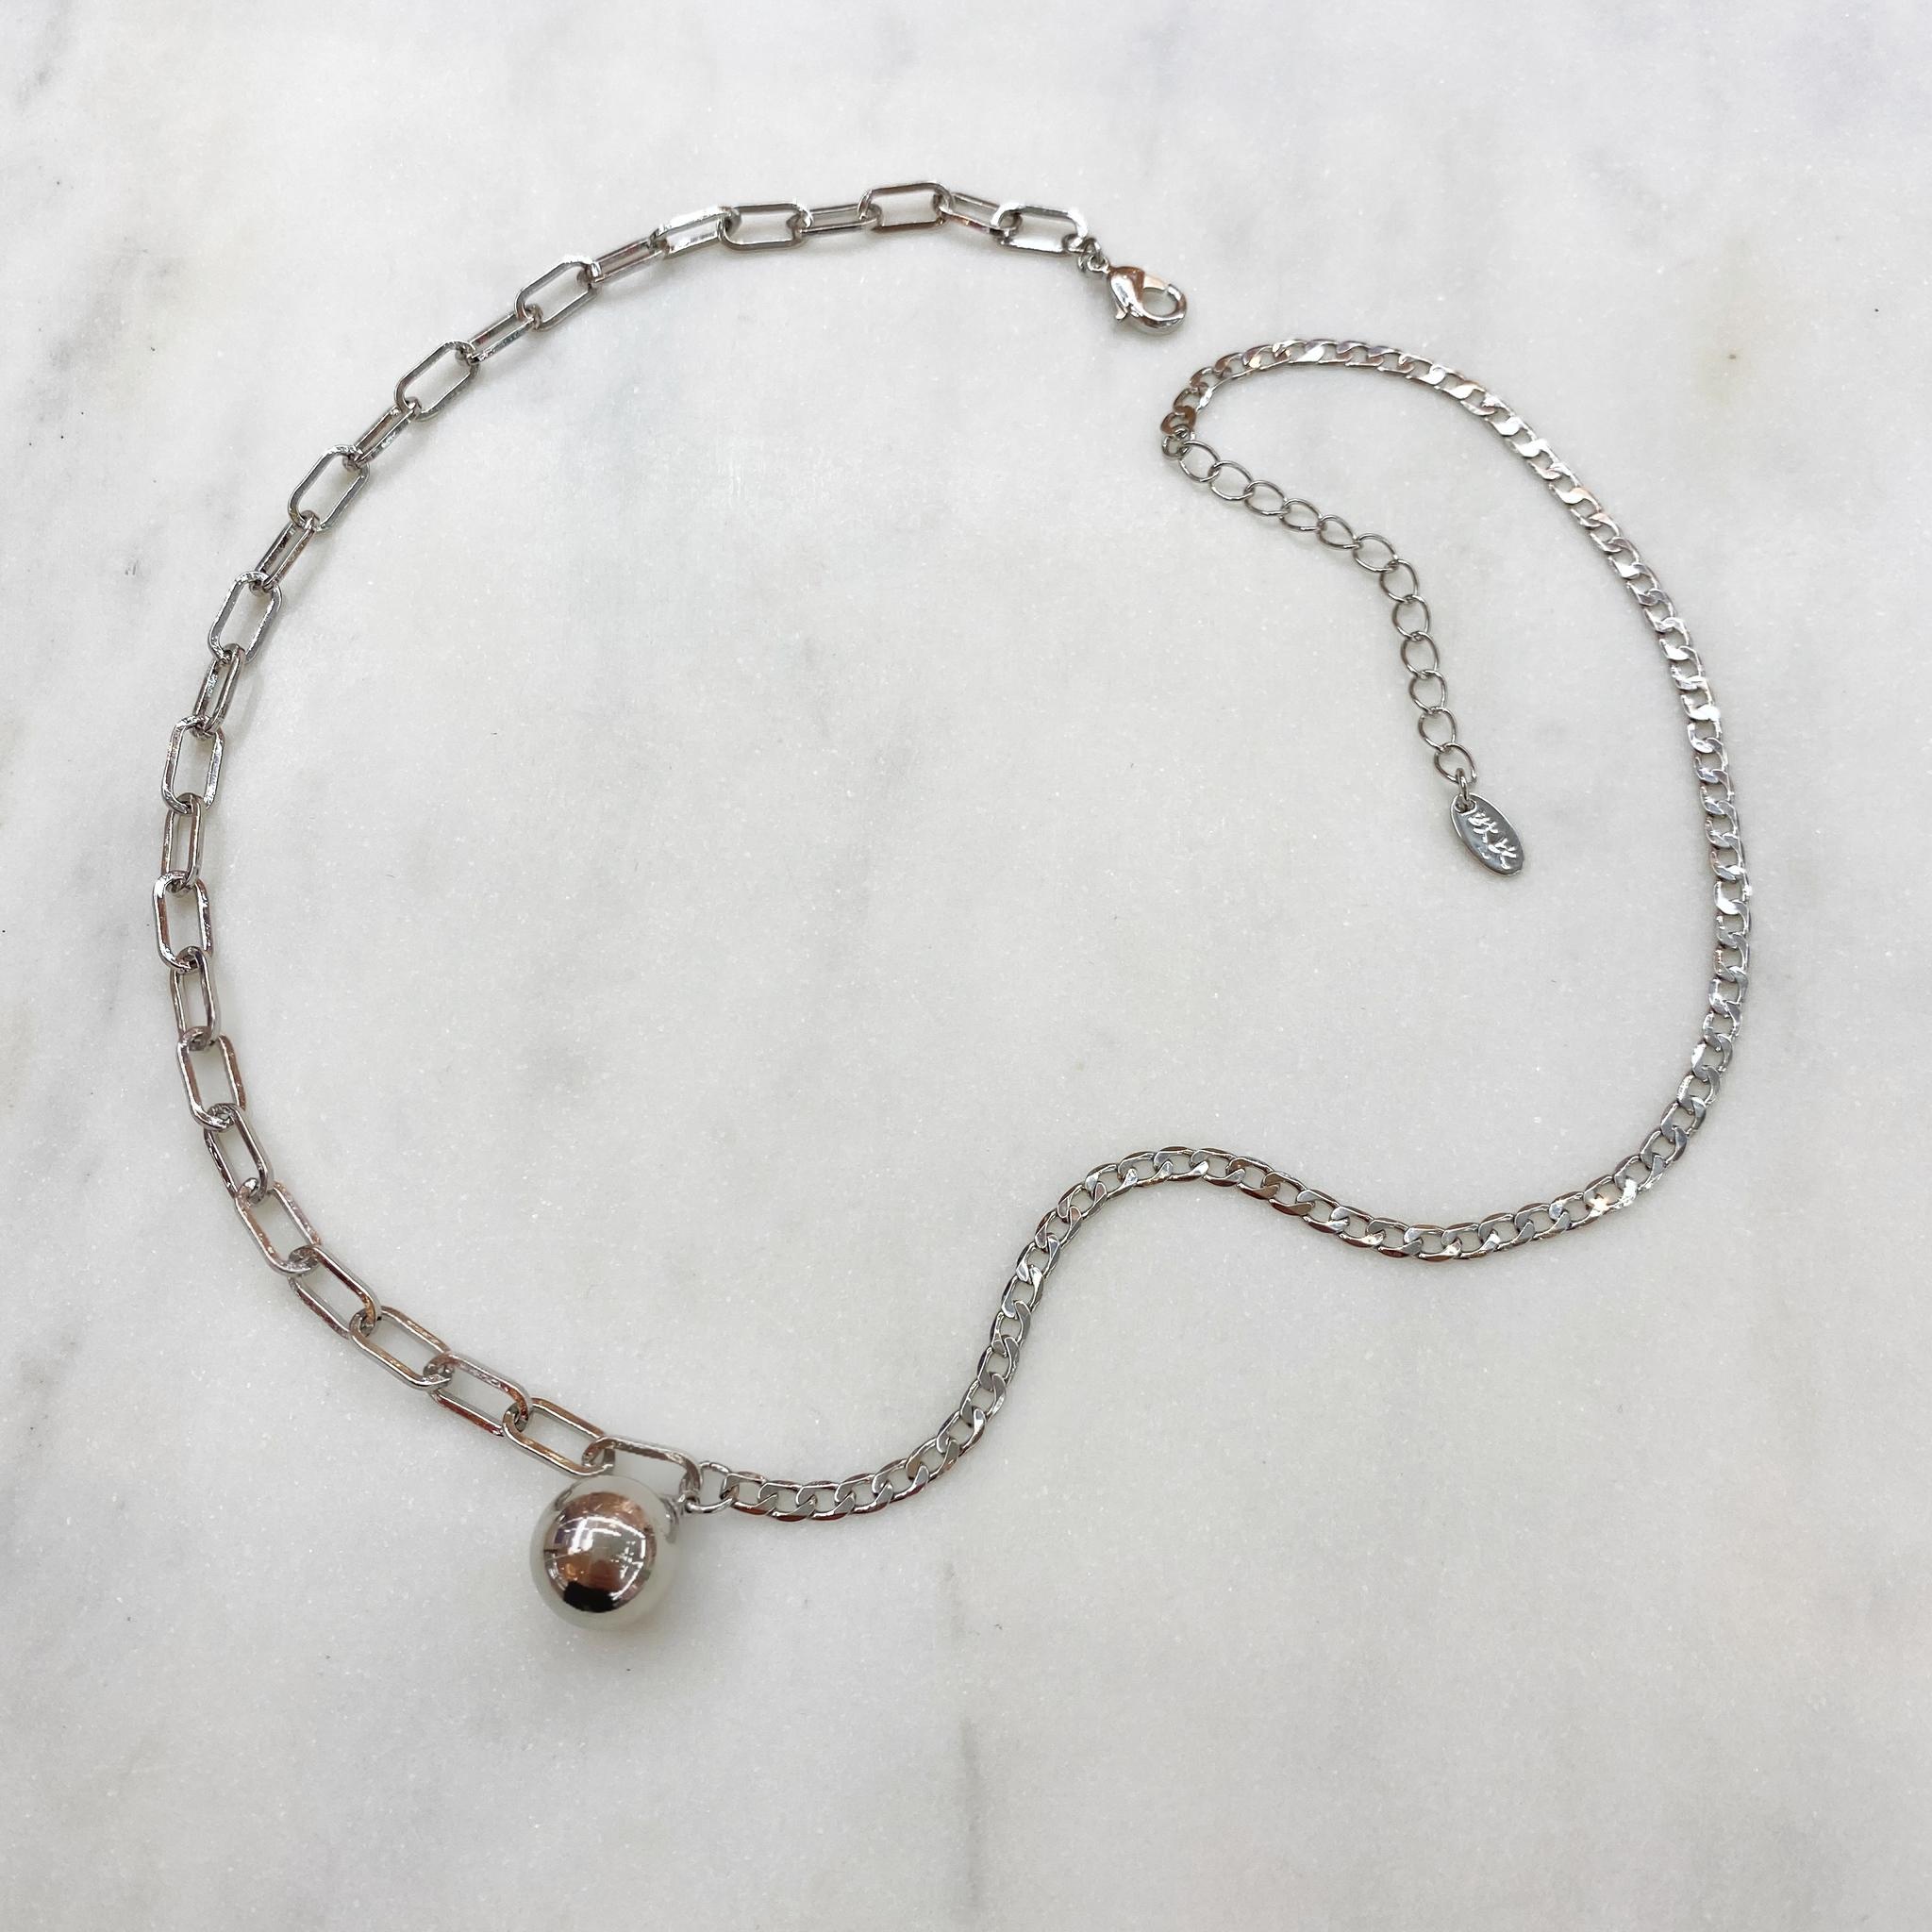 Колье из комбинированных цепей с подвеской-шариком (серебристый)